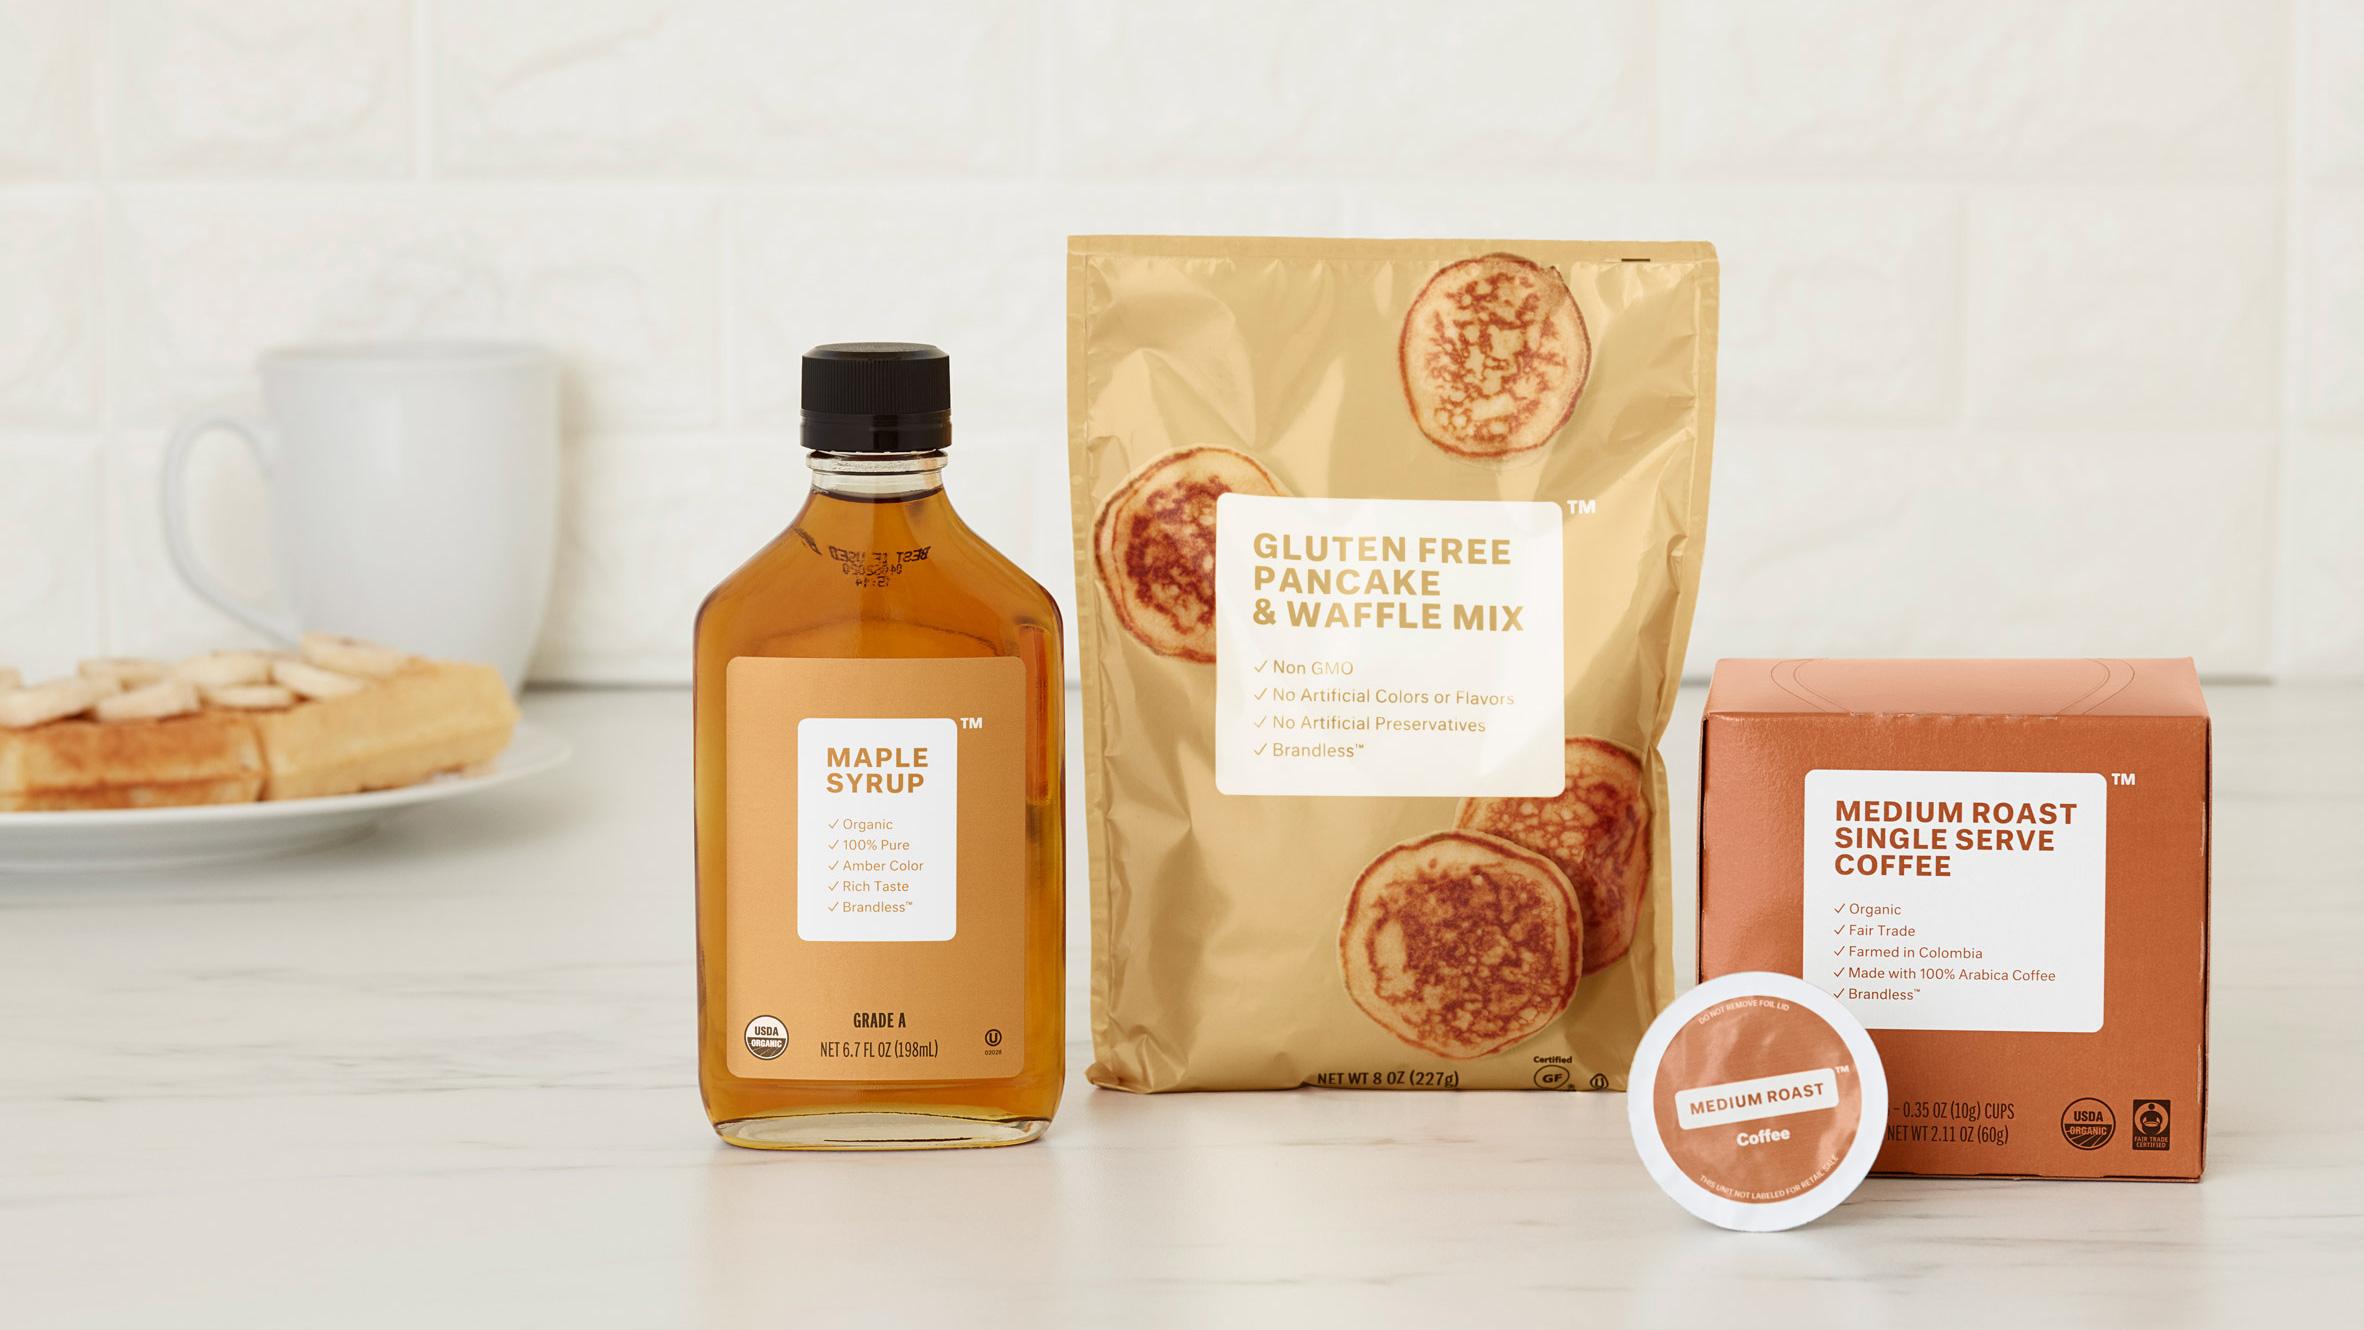 Brandless packaging